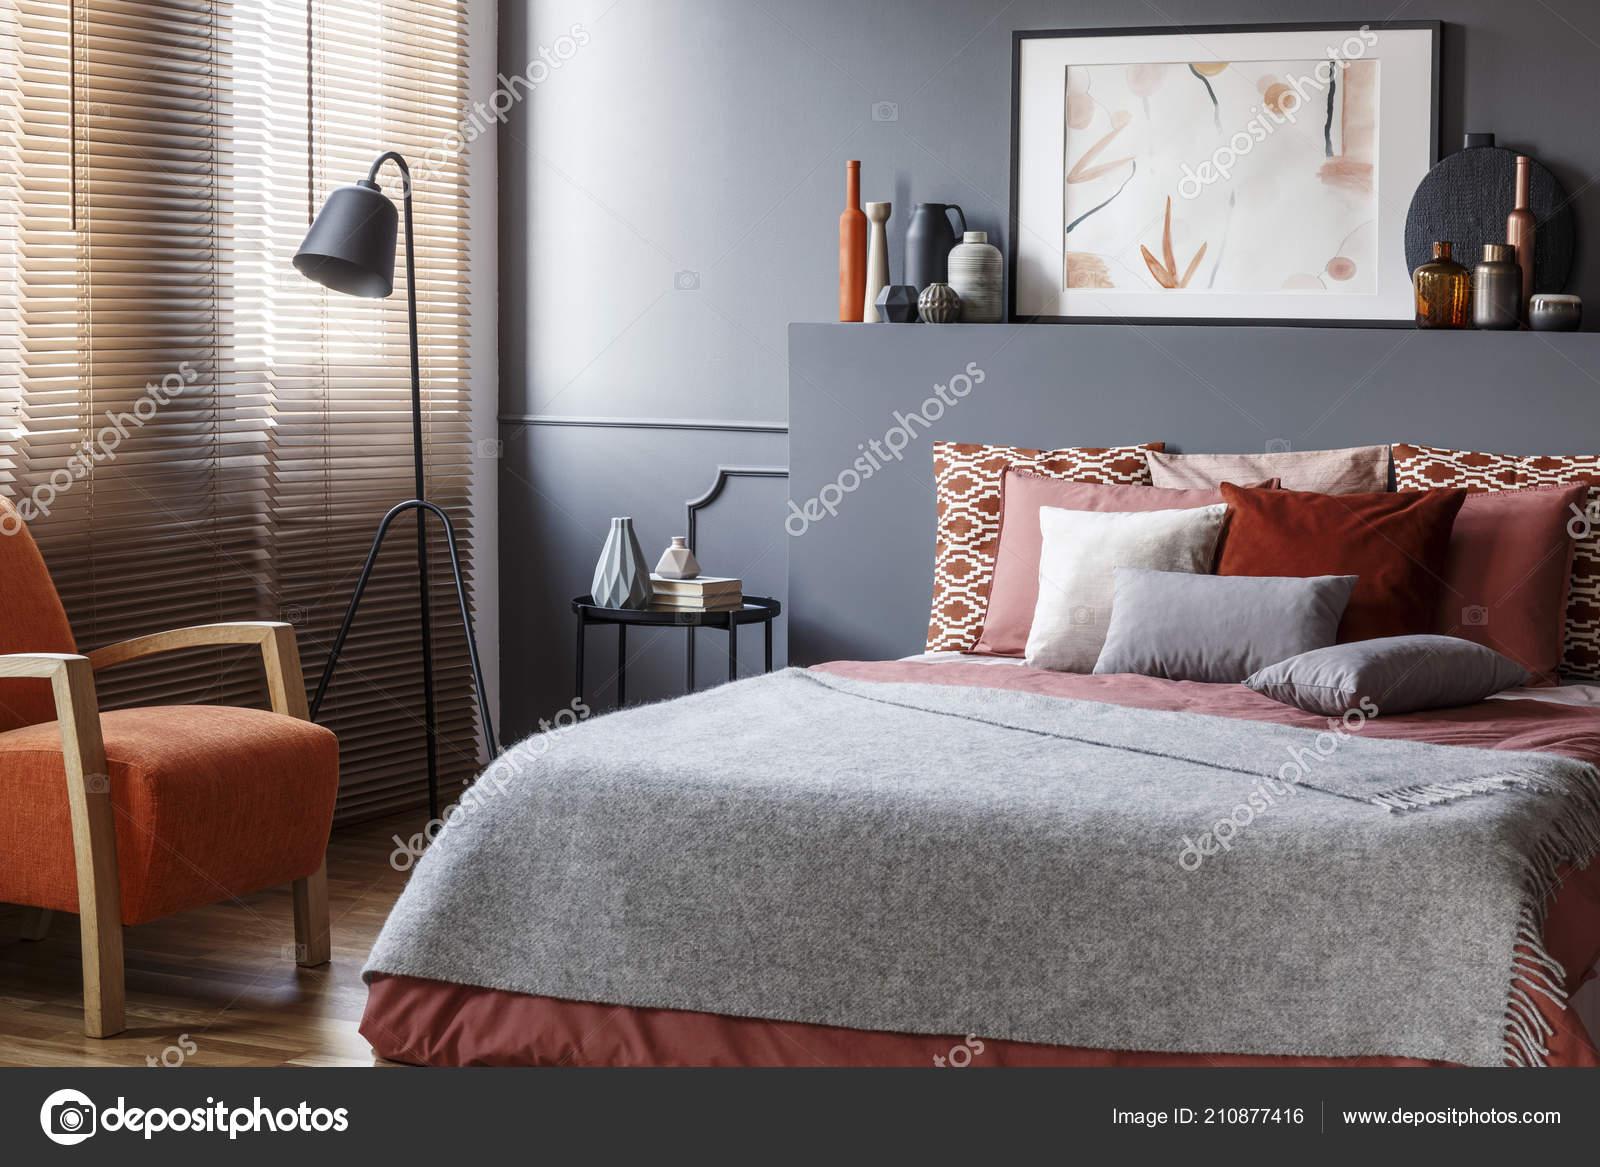 Couverture Grise Sur Lit En Intérieur Chambre à Coucher Confortable  Fauteuil Orange Et Affiche Sur La Tête De Litu2013 Images De Stock Libres De  Droits